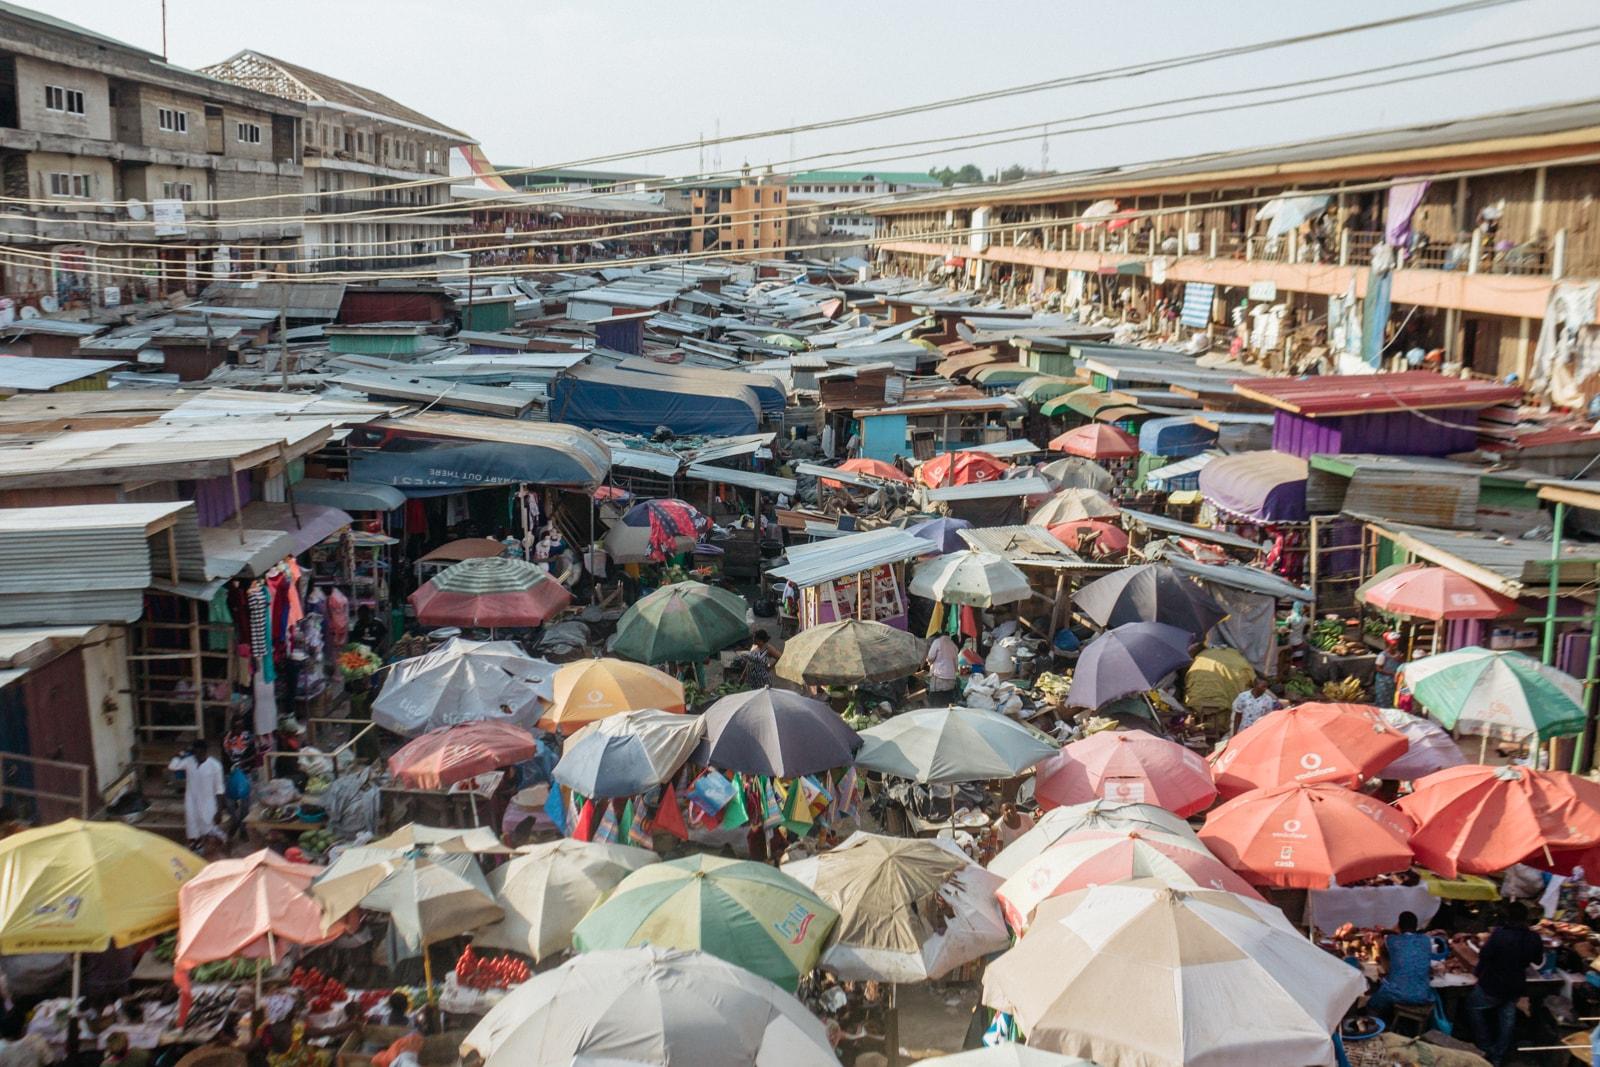 The Best of Culture in Nigeria, Africa